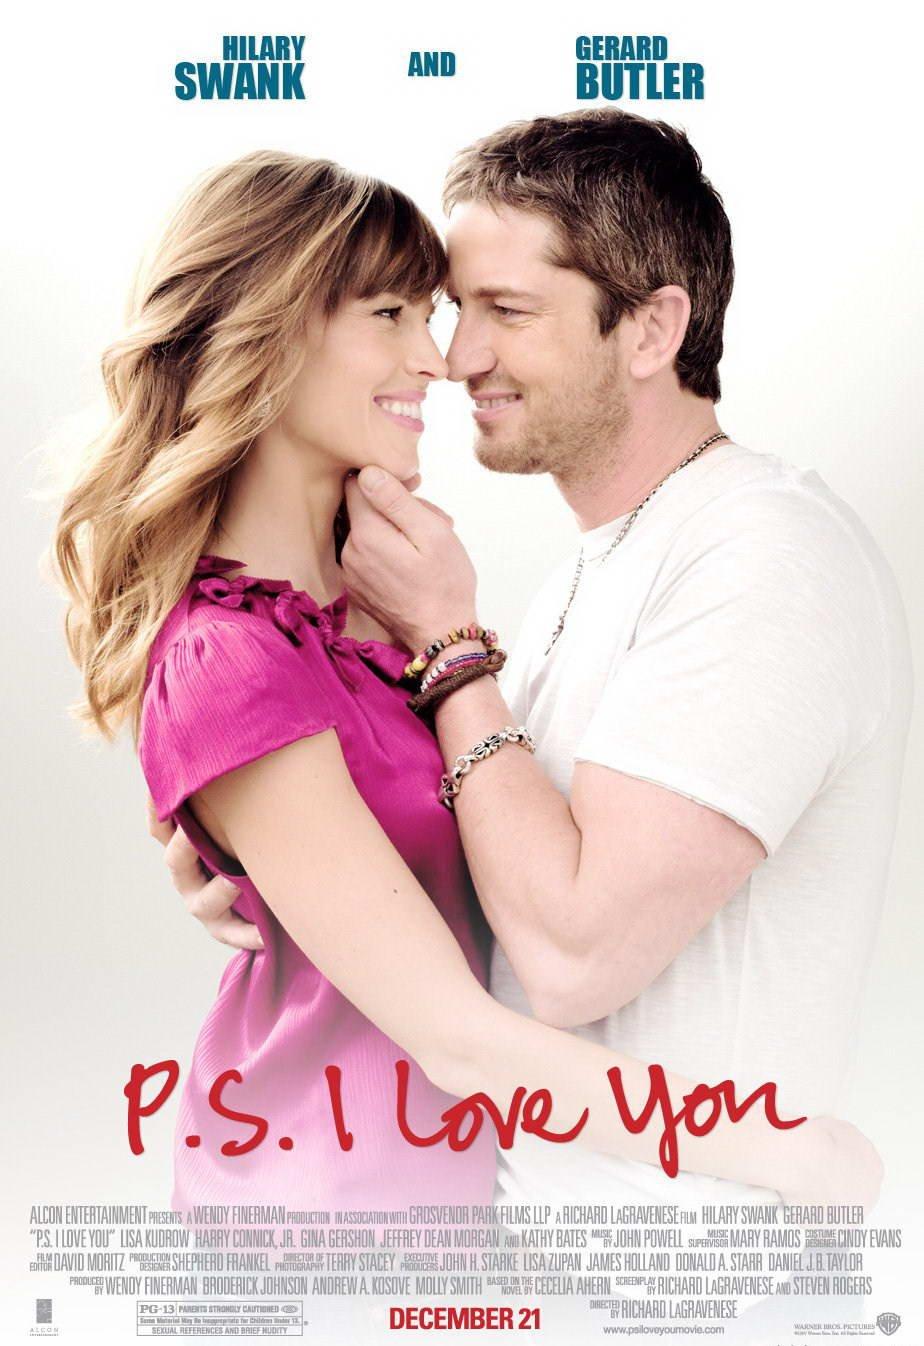 Posdata: Te quiero (P.S., I Love You) (2007) Gerard Butler